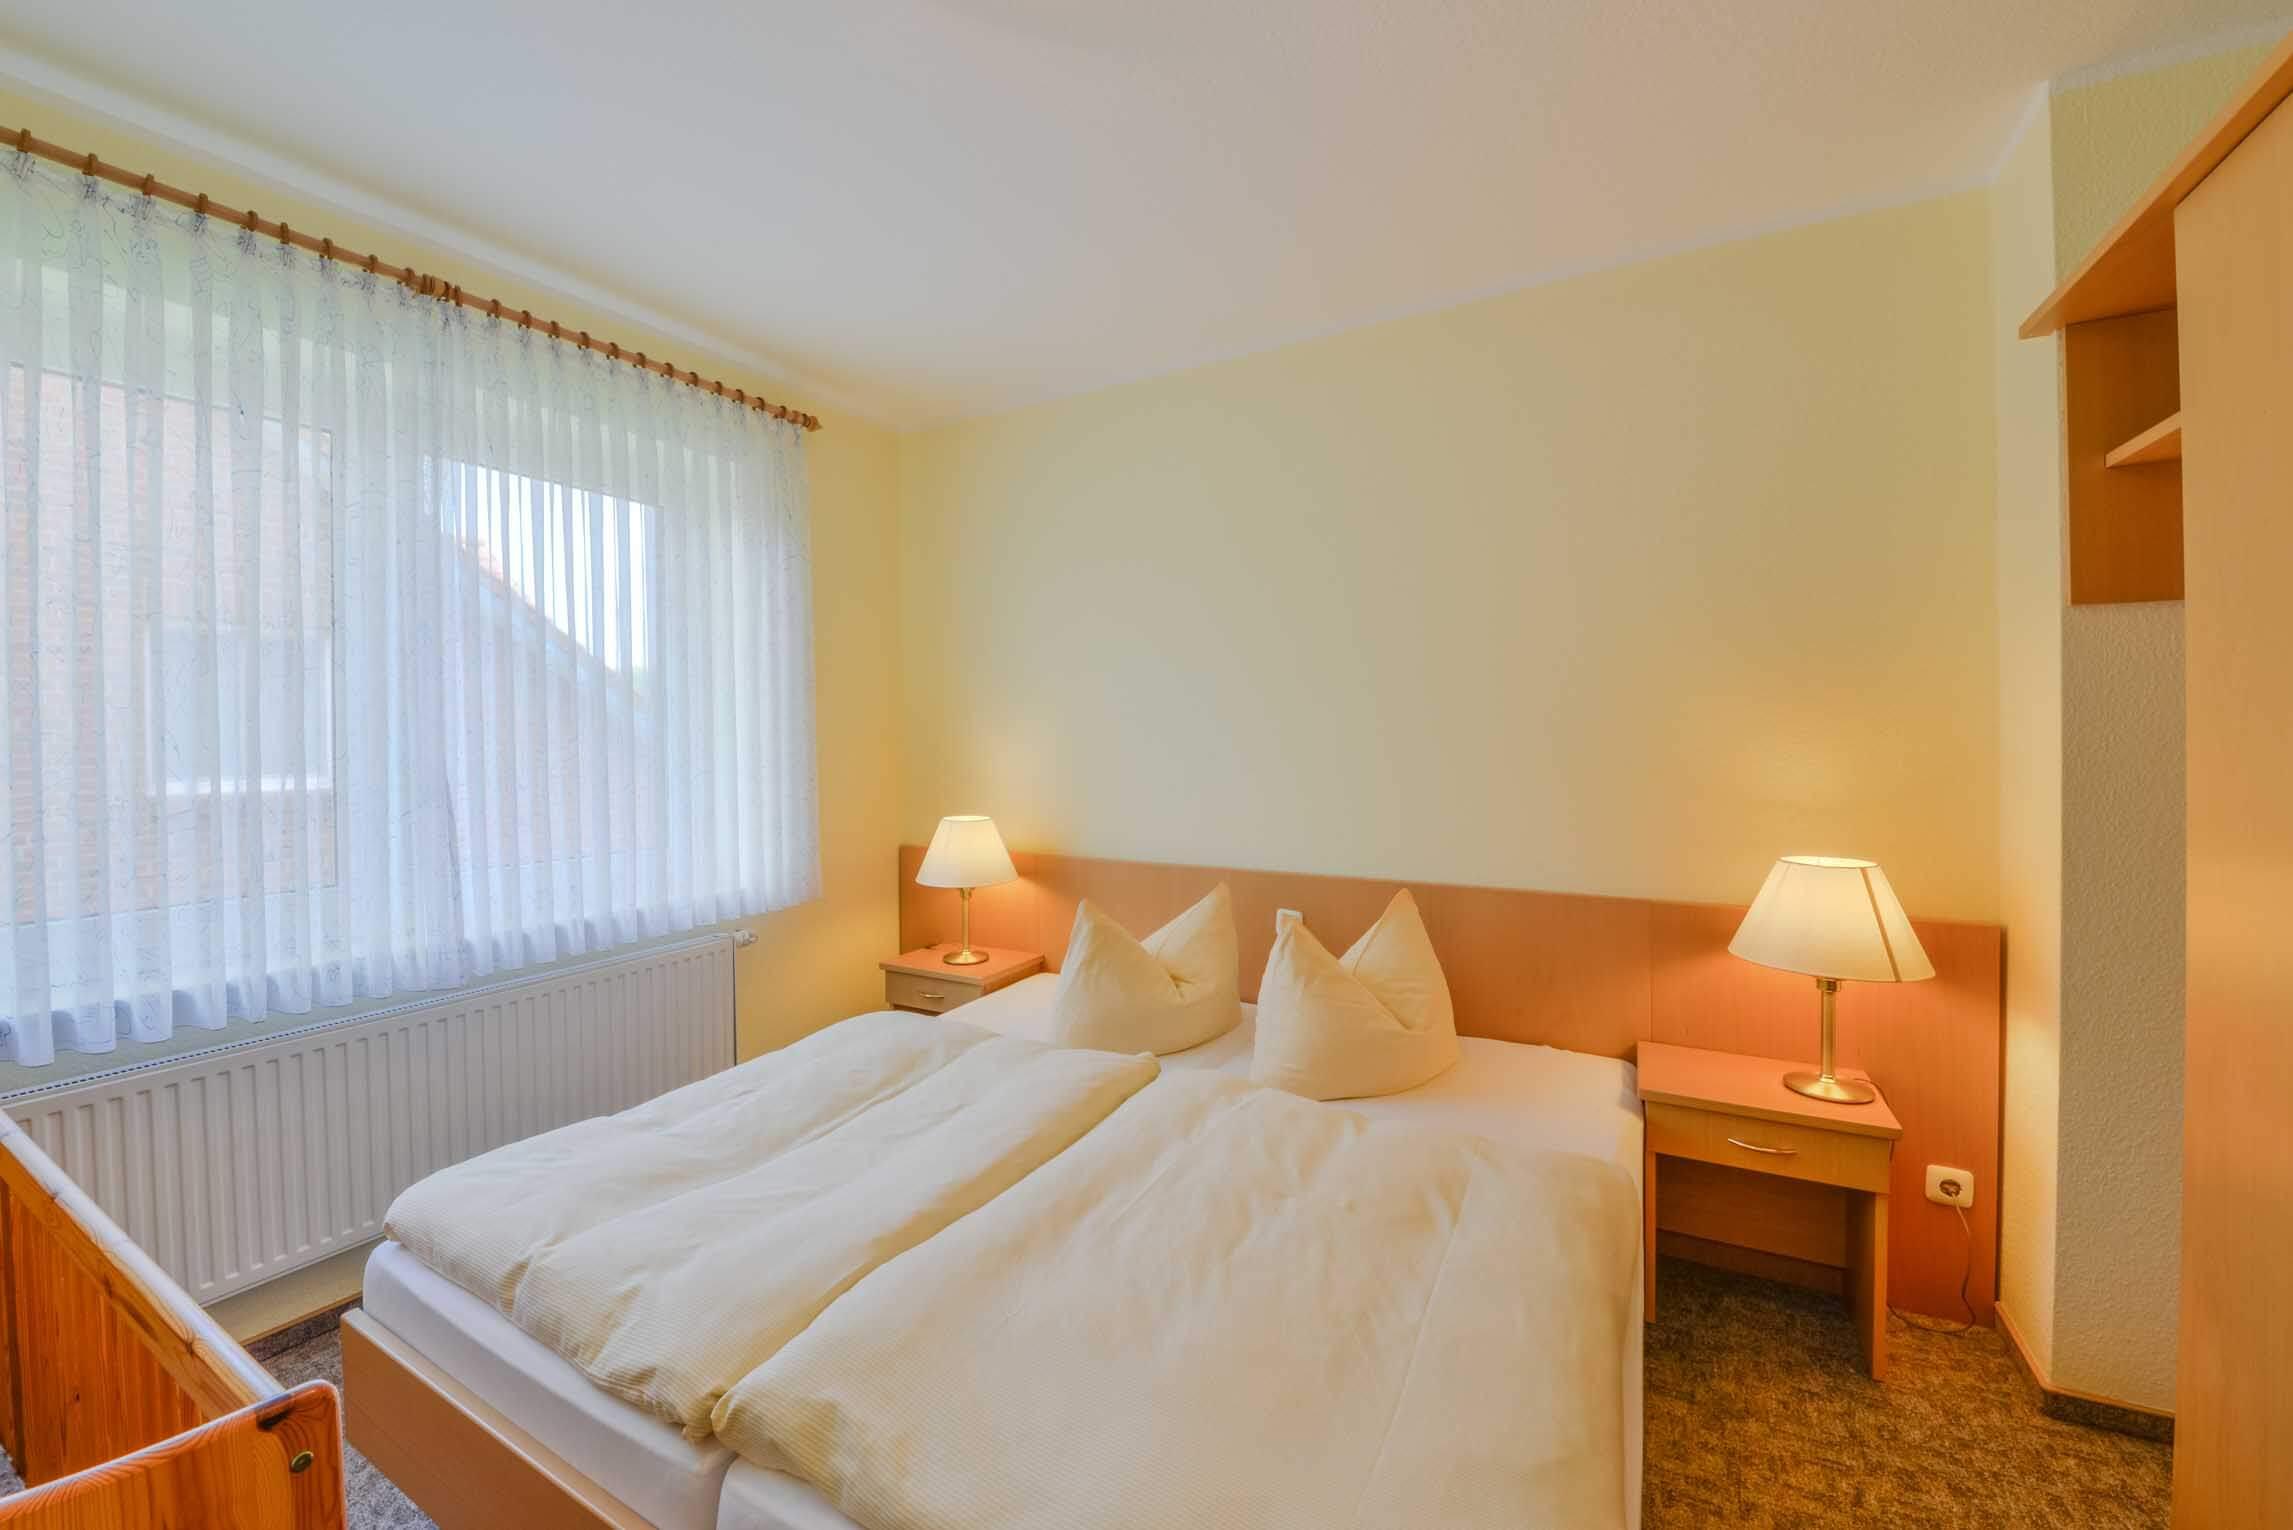 Ferienwohnung Braband Cuxhaven Schlafzimmer